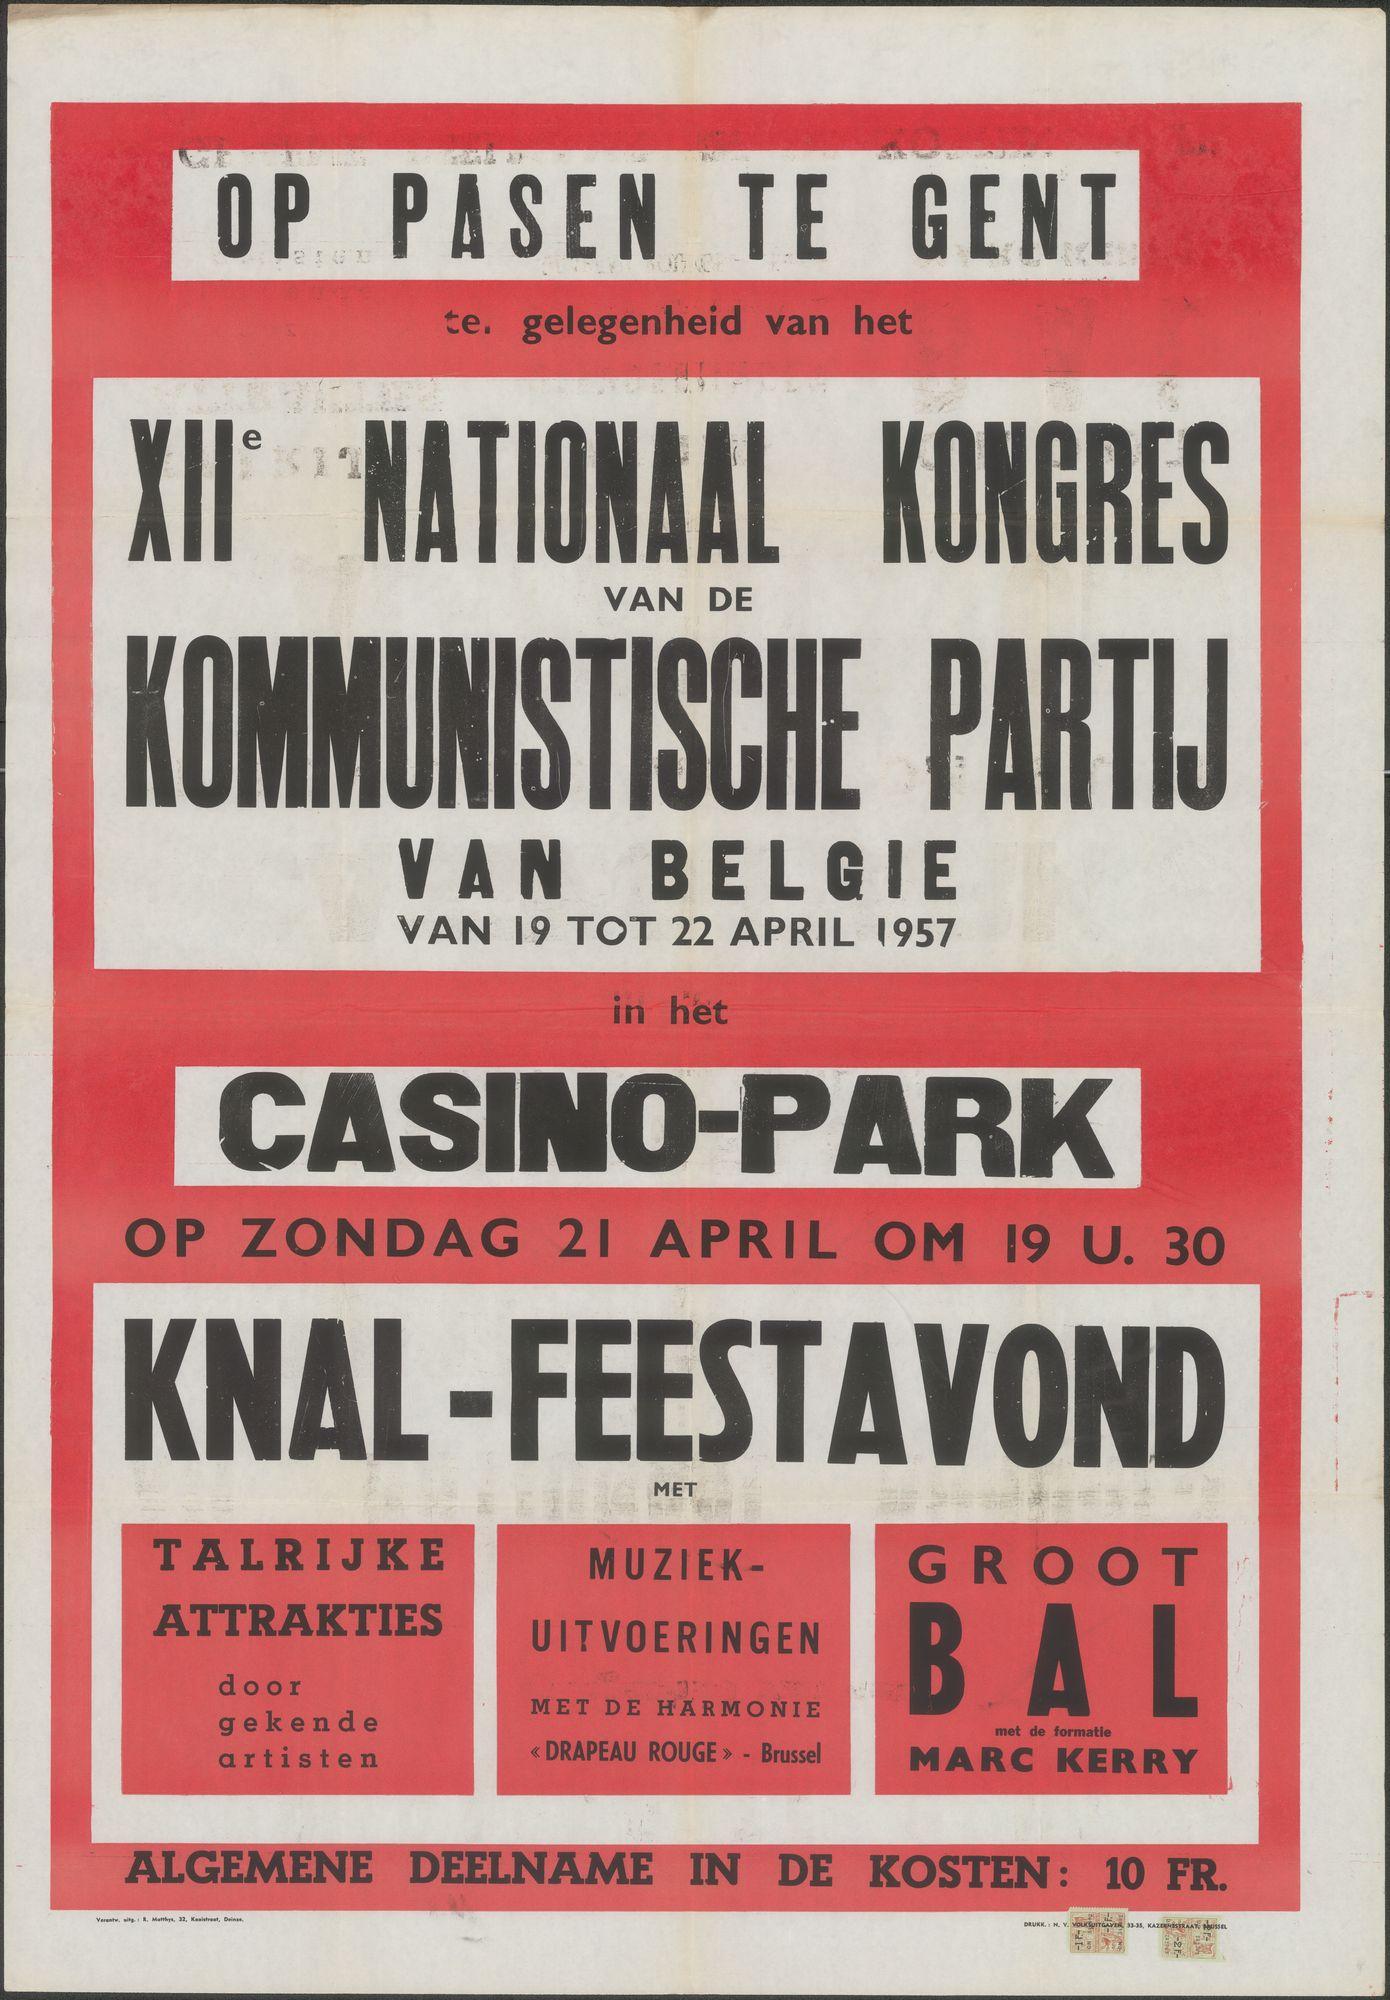 XIIe Nationaal Congres van de Communistische Partij van België van 19 tot 22 April 1957, in het Casino-park, Op Pasen te Gent